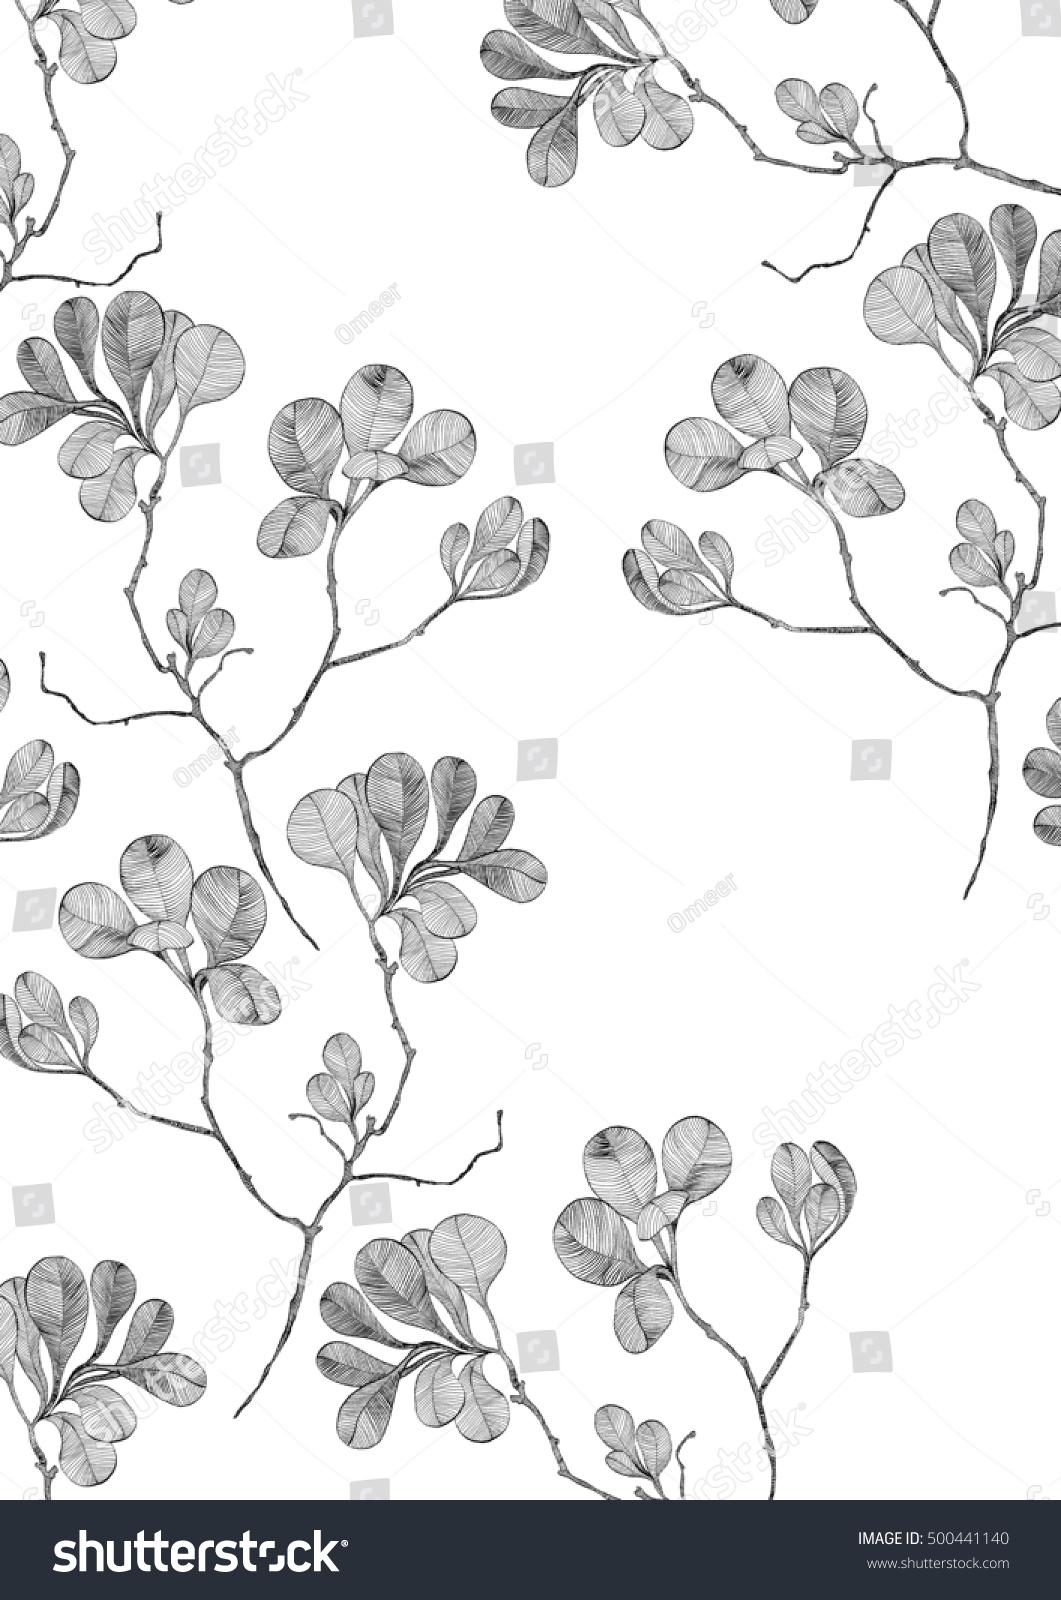 Line Art Flower Background : Vintage flower line art on white stock illustration